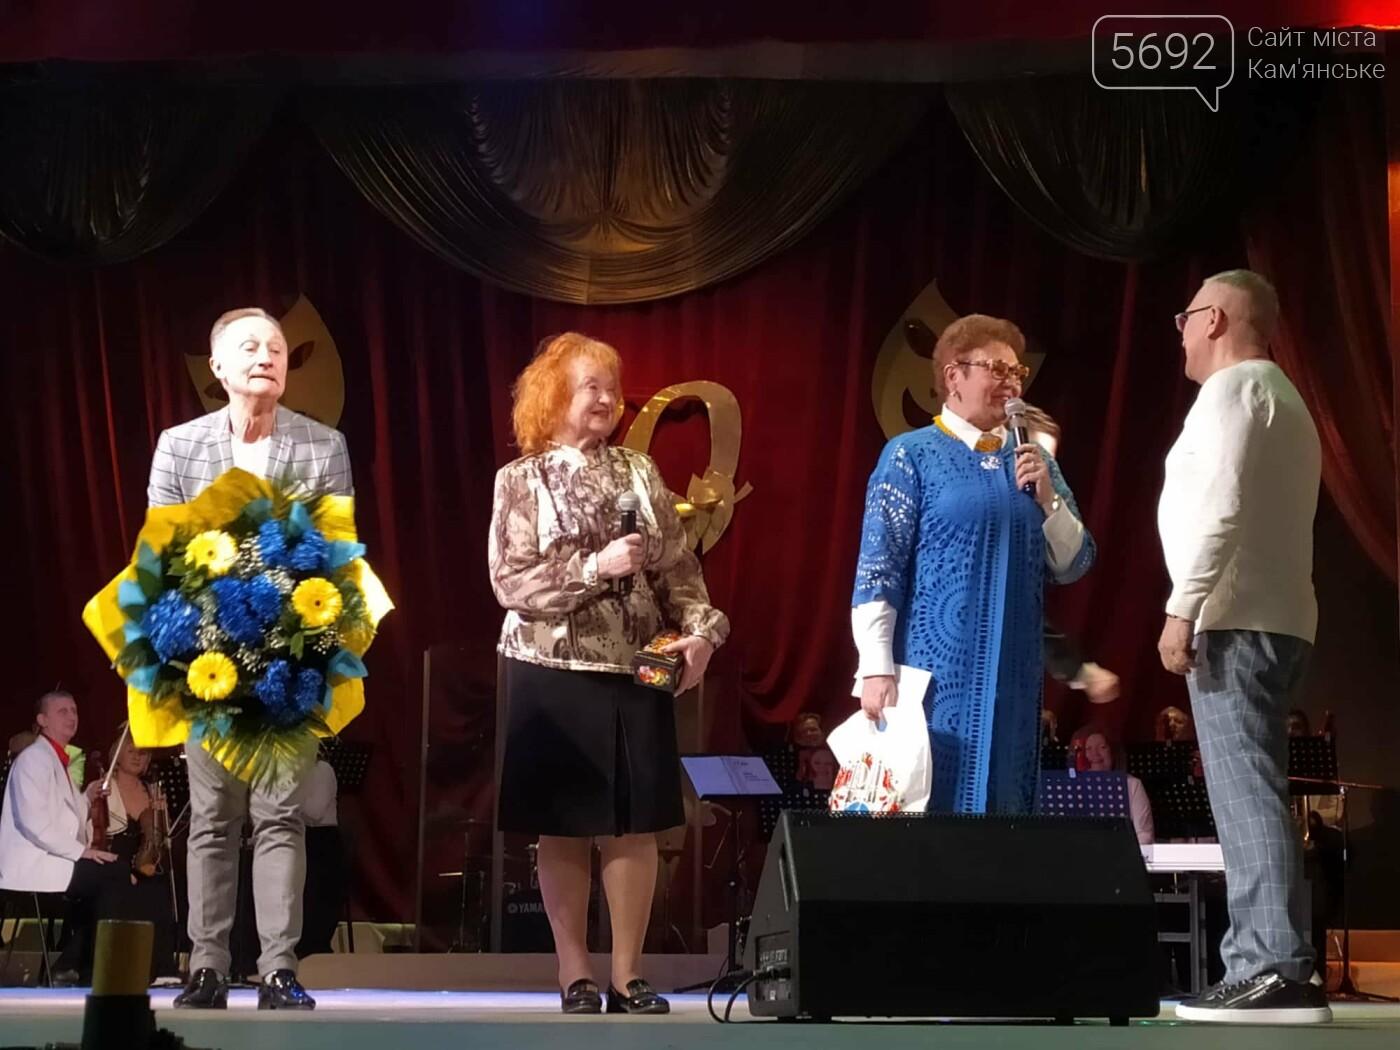 В Каменском театре концертом отметили юбилей главного режиссера, фото-3